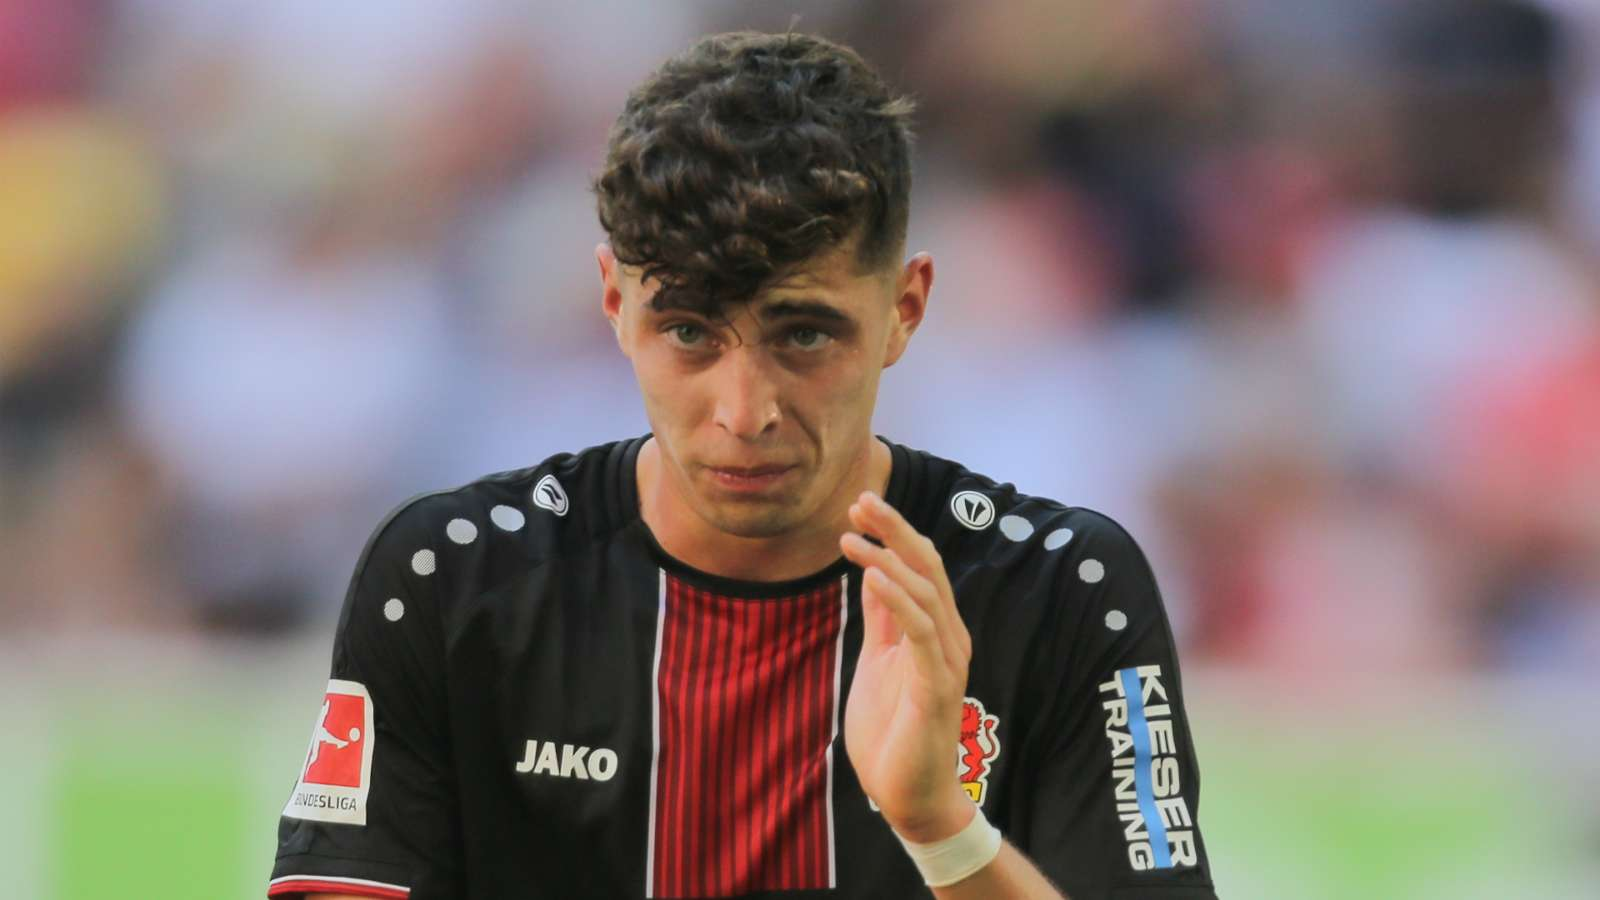 Leverkusen put Real Madrid's goal as a substitute for Kai Havertz